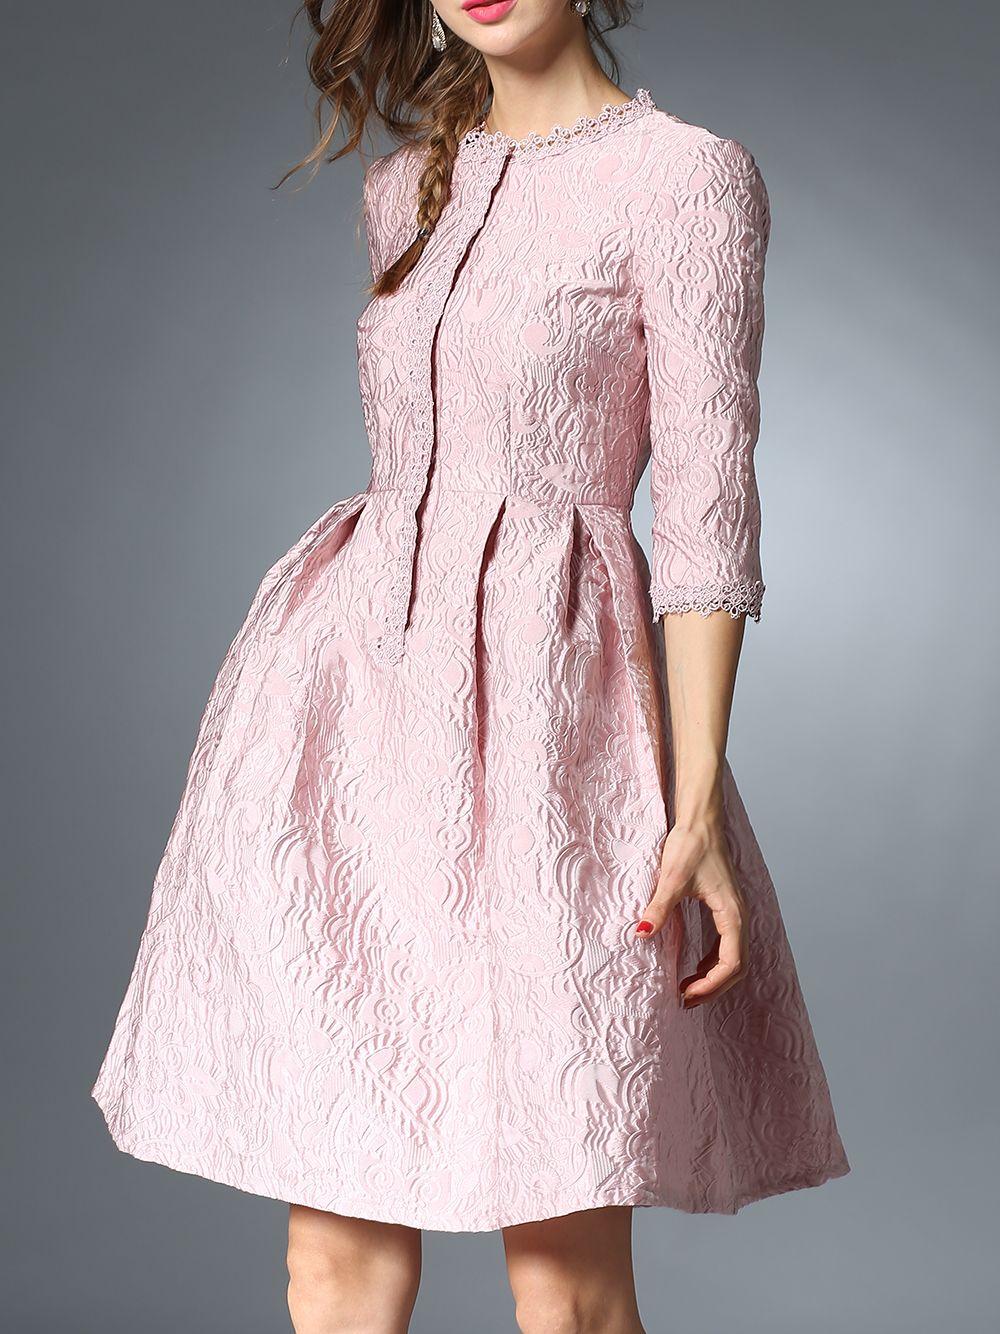 Shop Pink Jacquard Pockets A Line Dress Online Shein Offers Pink Jacquard Pockets A Line Dress Fit Flare Dress Elegant Dresses Flare Dress [ 1334 x 1000 Pixel ]